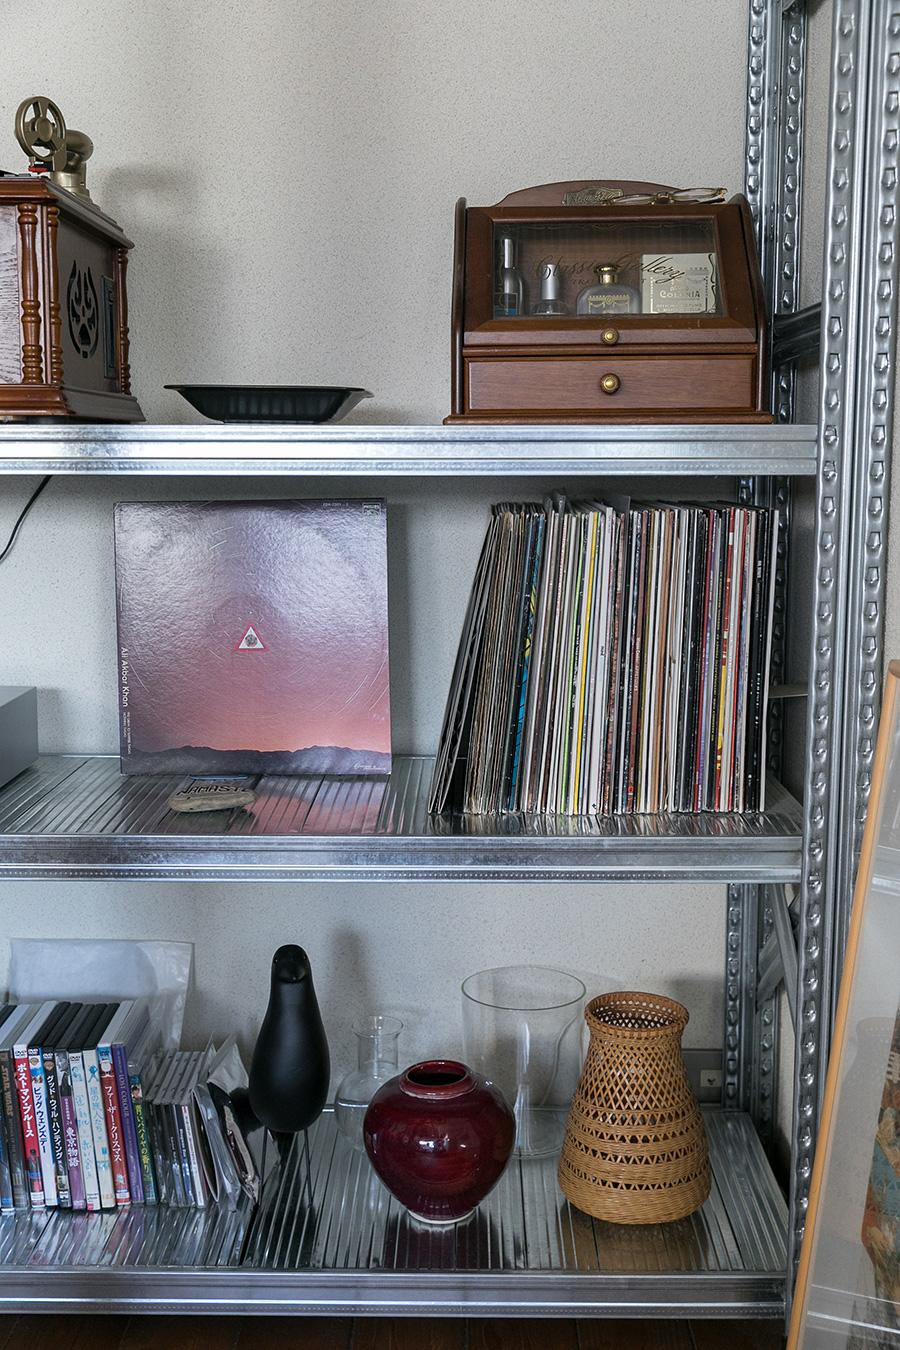 棚の一部。旅先での思い出の品や花器などを並べて。レコードももっとたくさんほしいと話す。